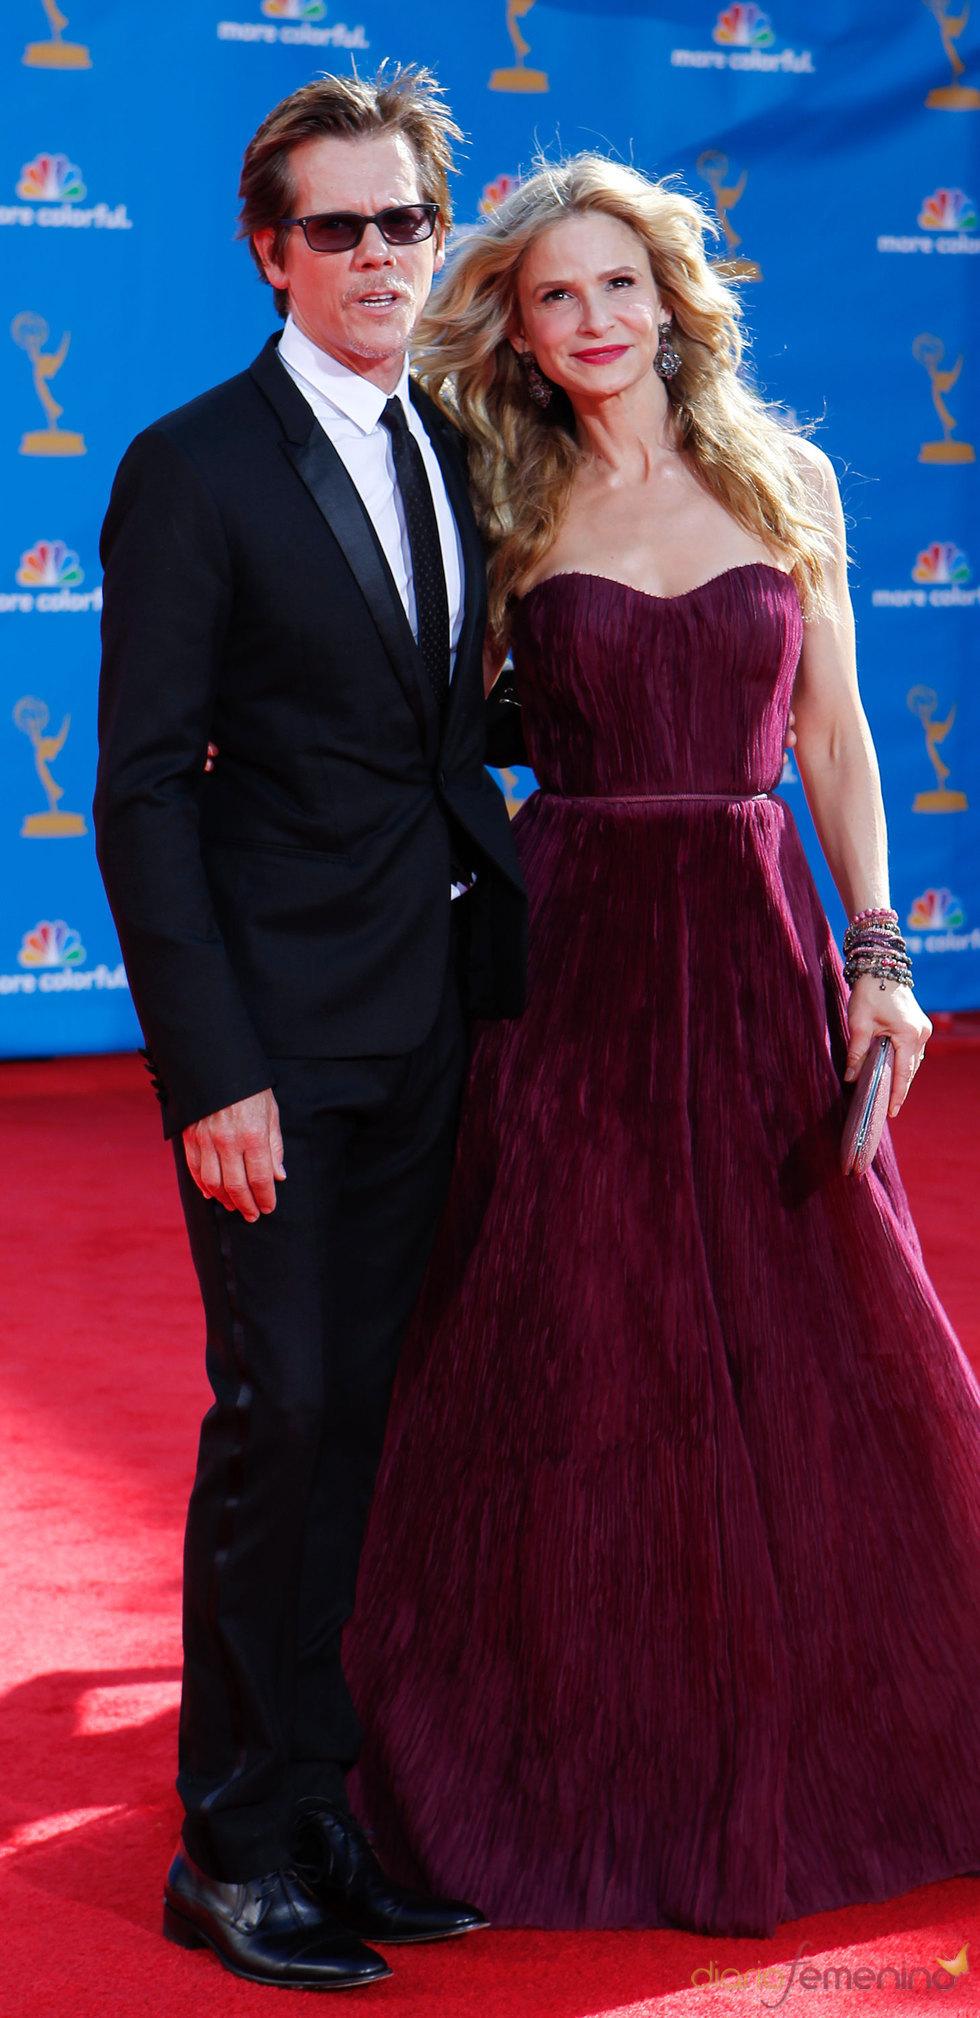 Kevin Bacon y Kyra Sedgwick en los Premios Emmy 2010